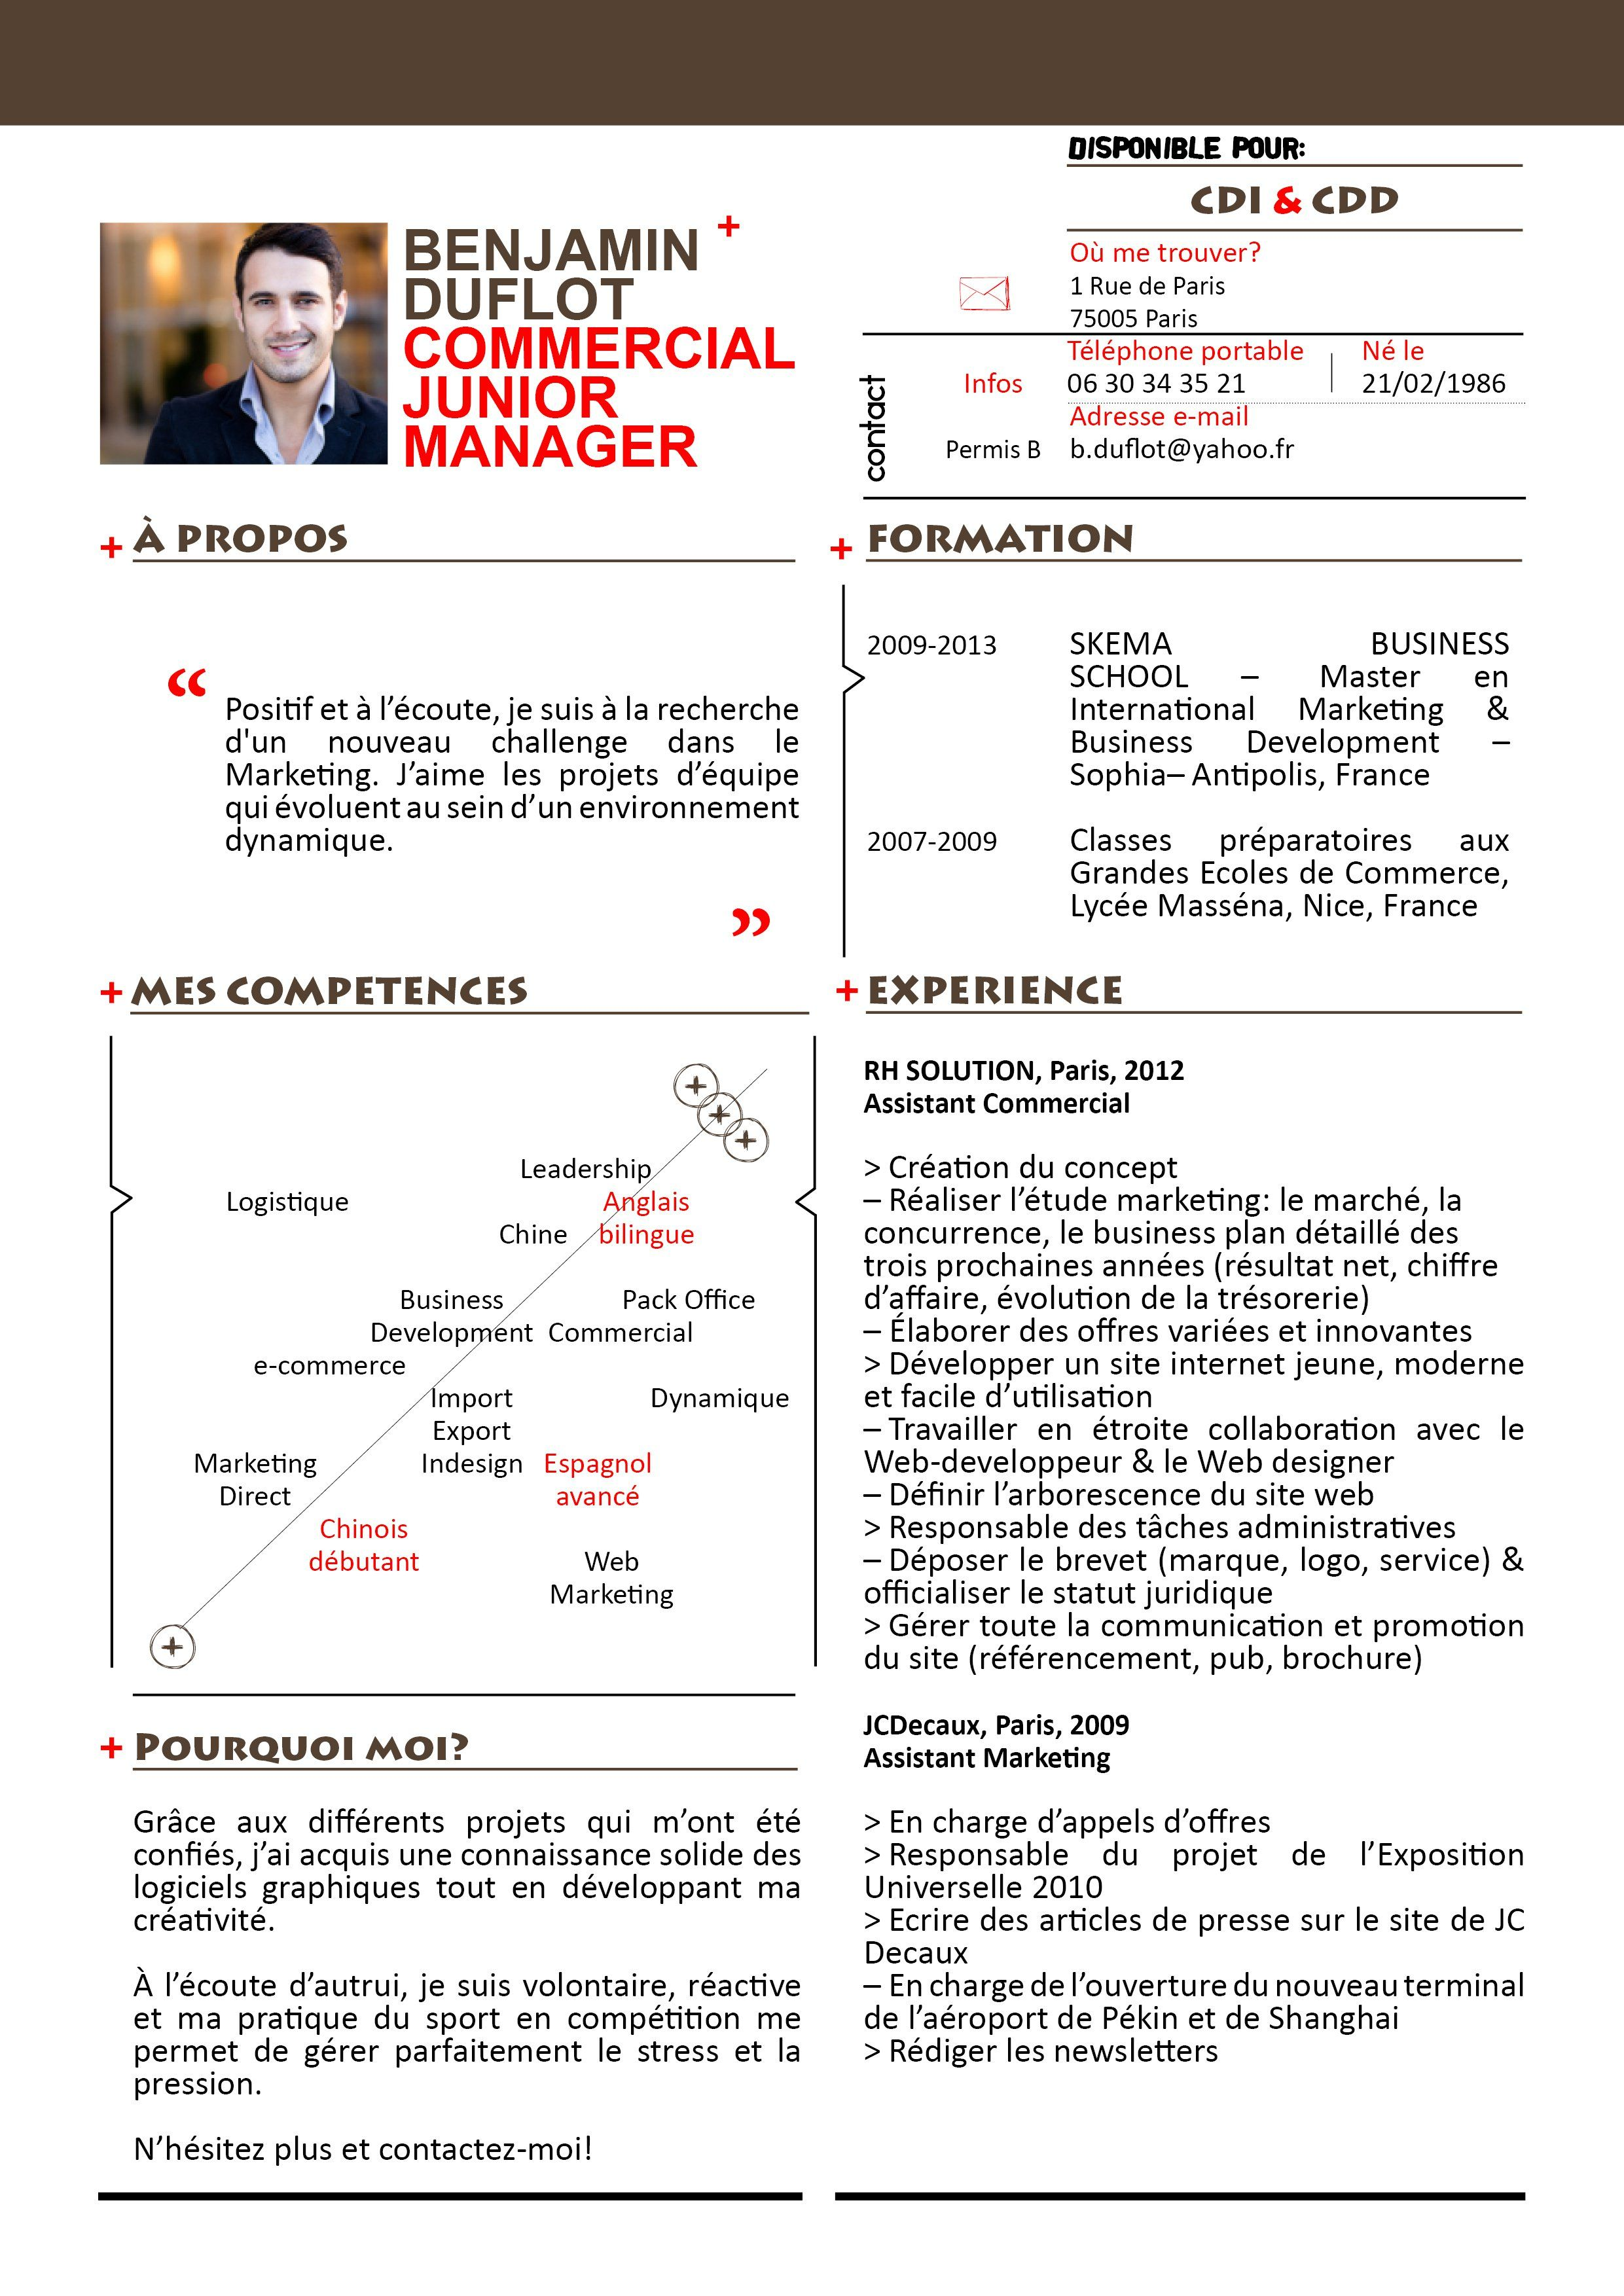 Curieux Mycvfactory Modele Cv Mise En Page Cv Skema Business School